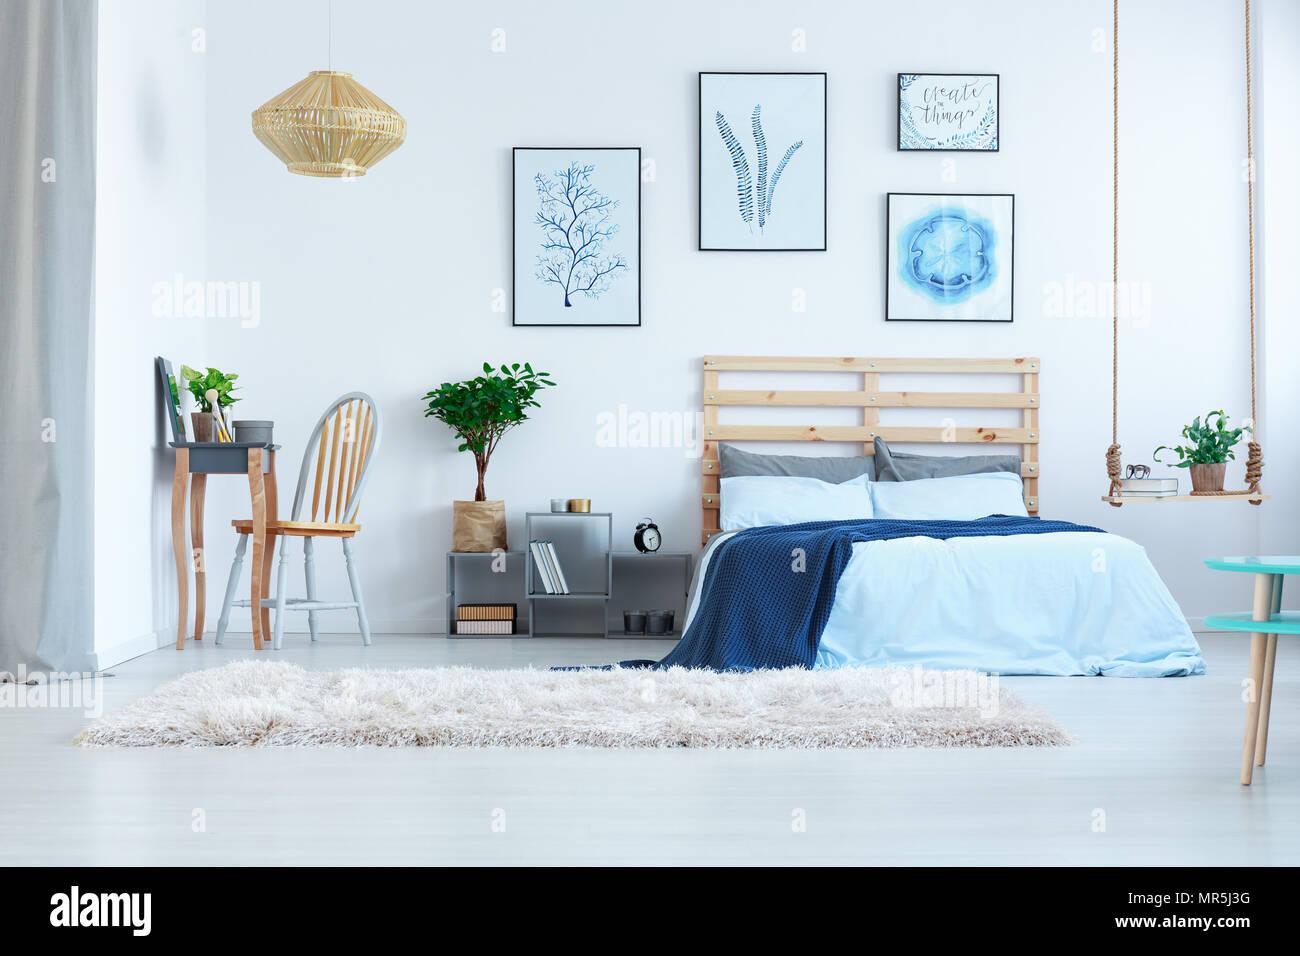 Schone Weisse Schlafzimmer Mit Ankleideraum Tisch Bett Und Wand